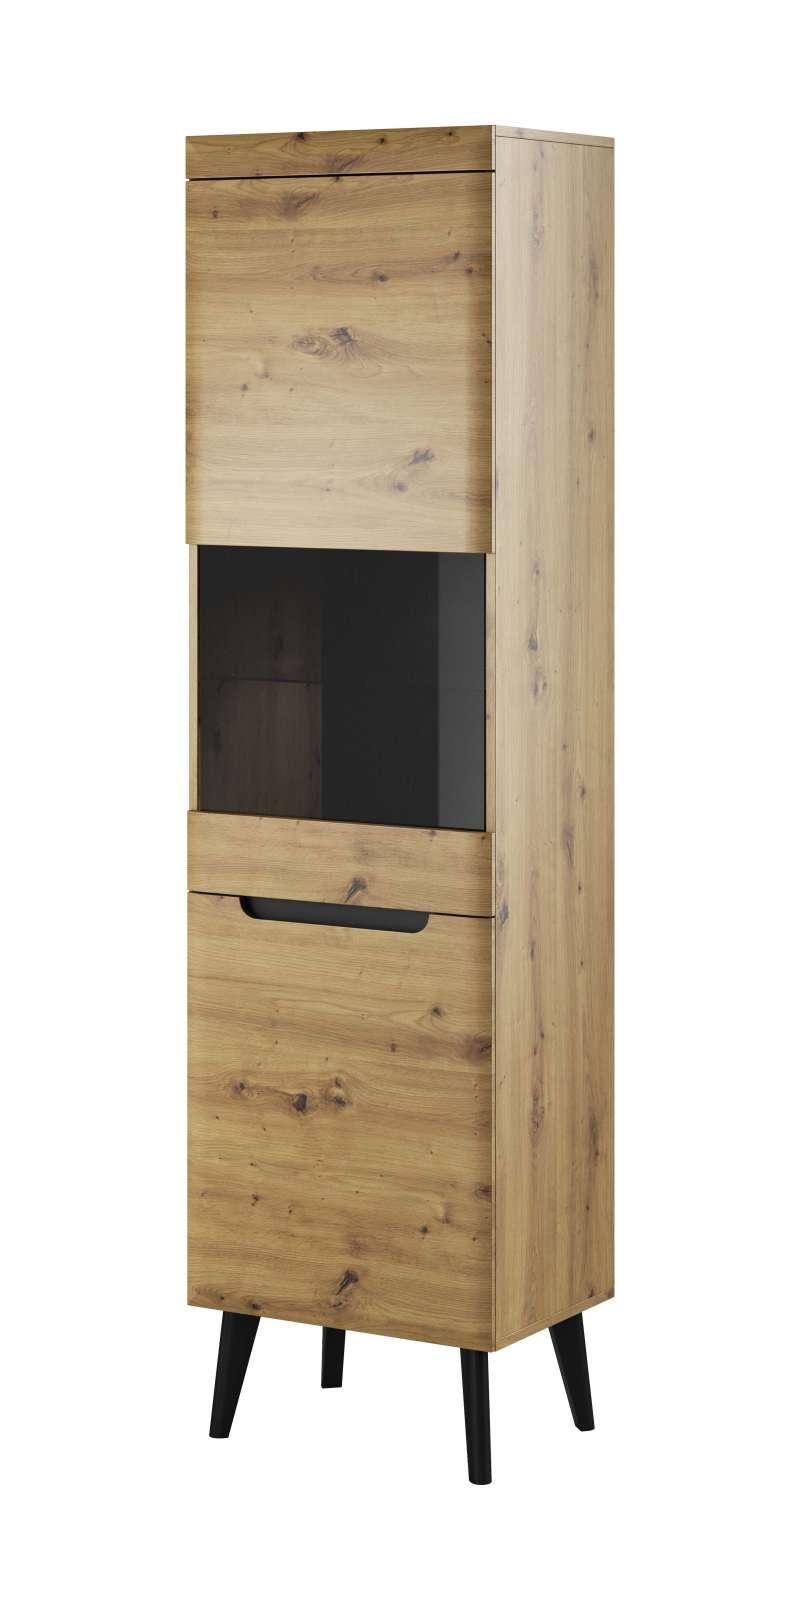 Vitrină înaltă Alix, 197x53x40 cm, pal/ mdf/ sticla/ lemn, maro/ negru poza